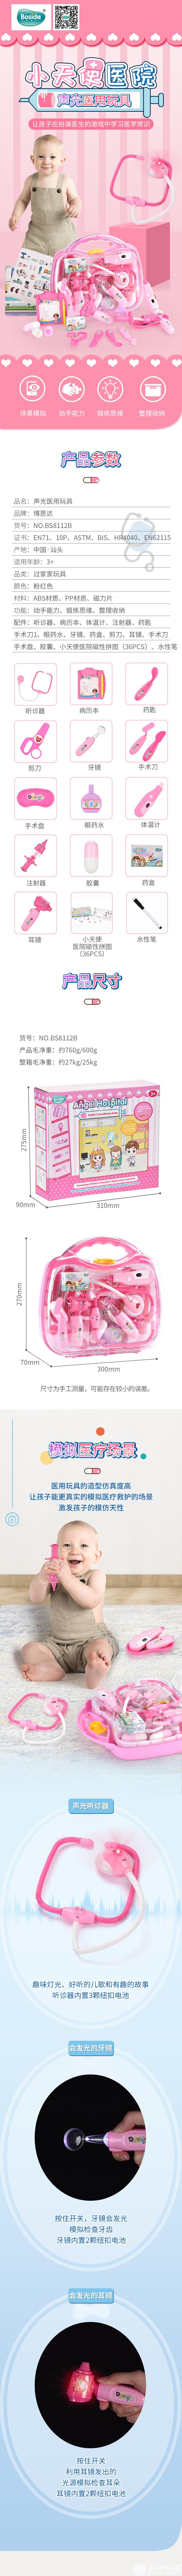 博思达玩具厂-(BS8112B)-声光医生玩具-中文版详情页1.jpg